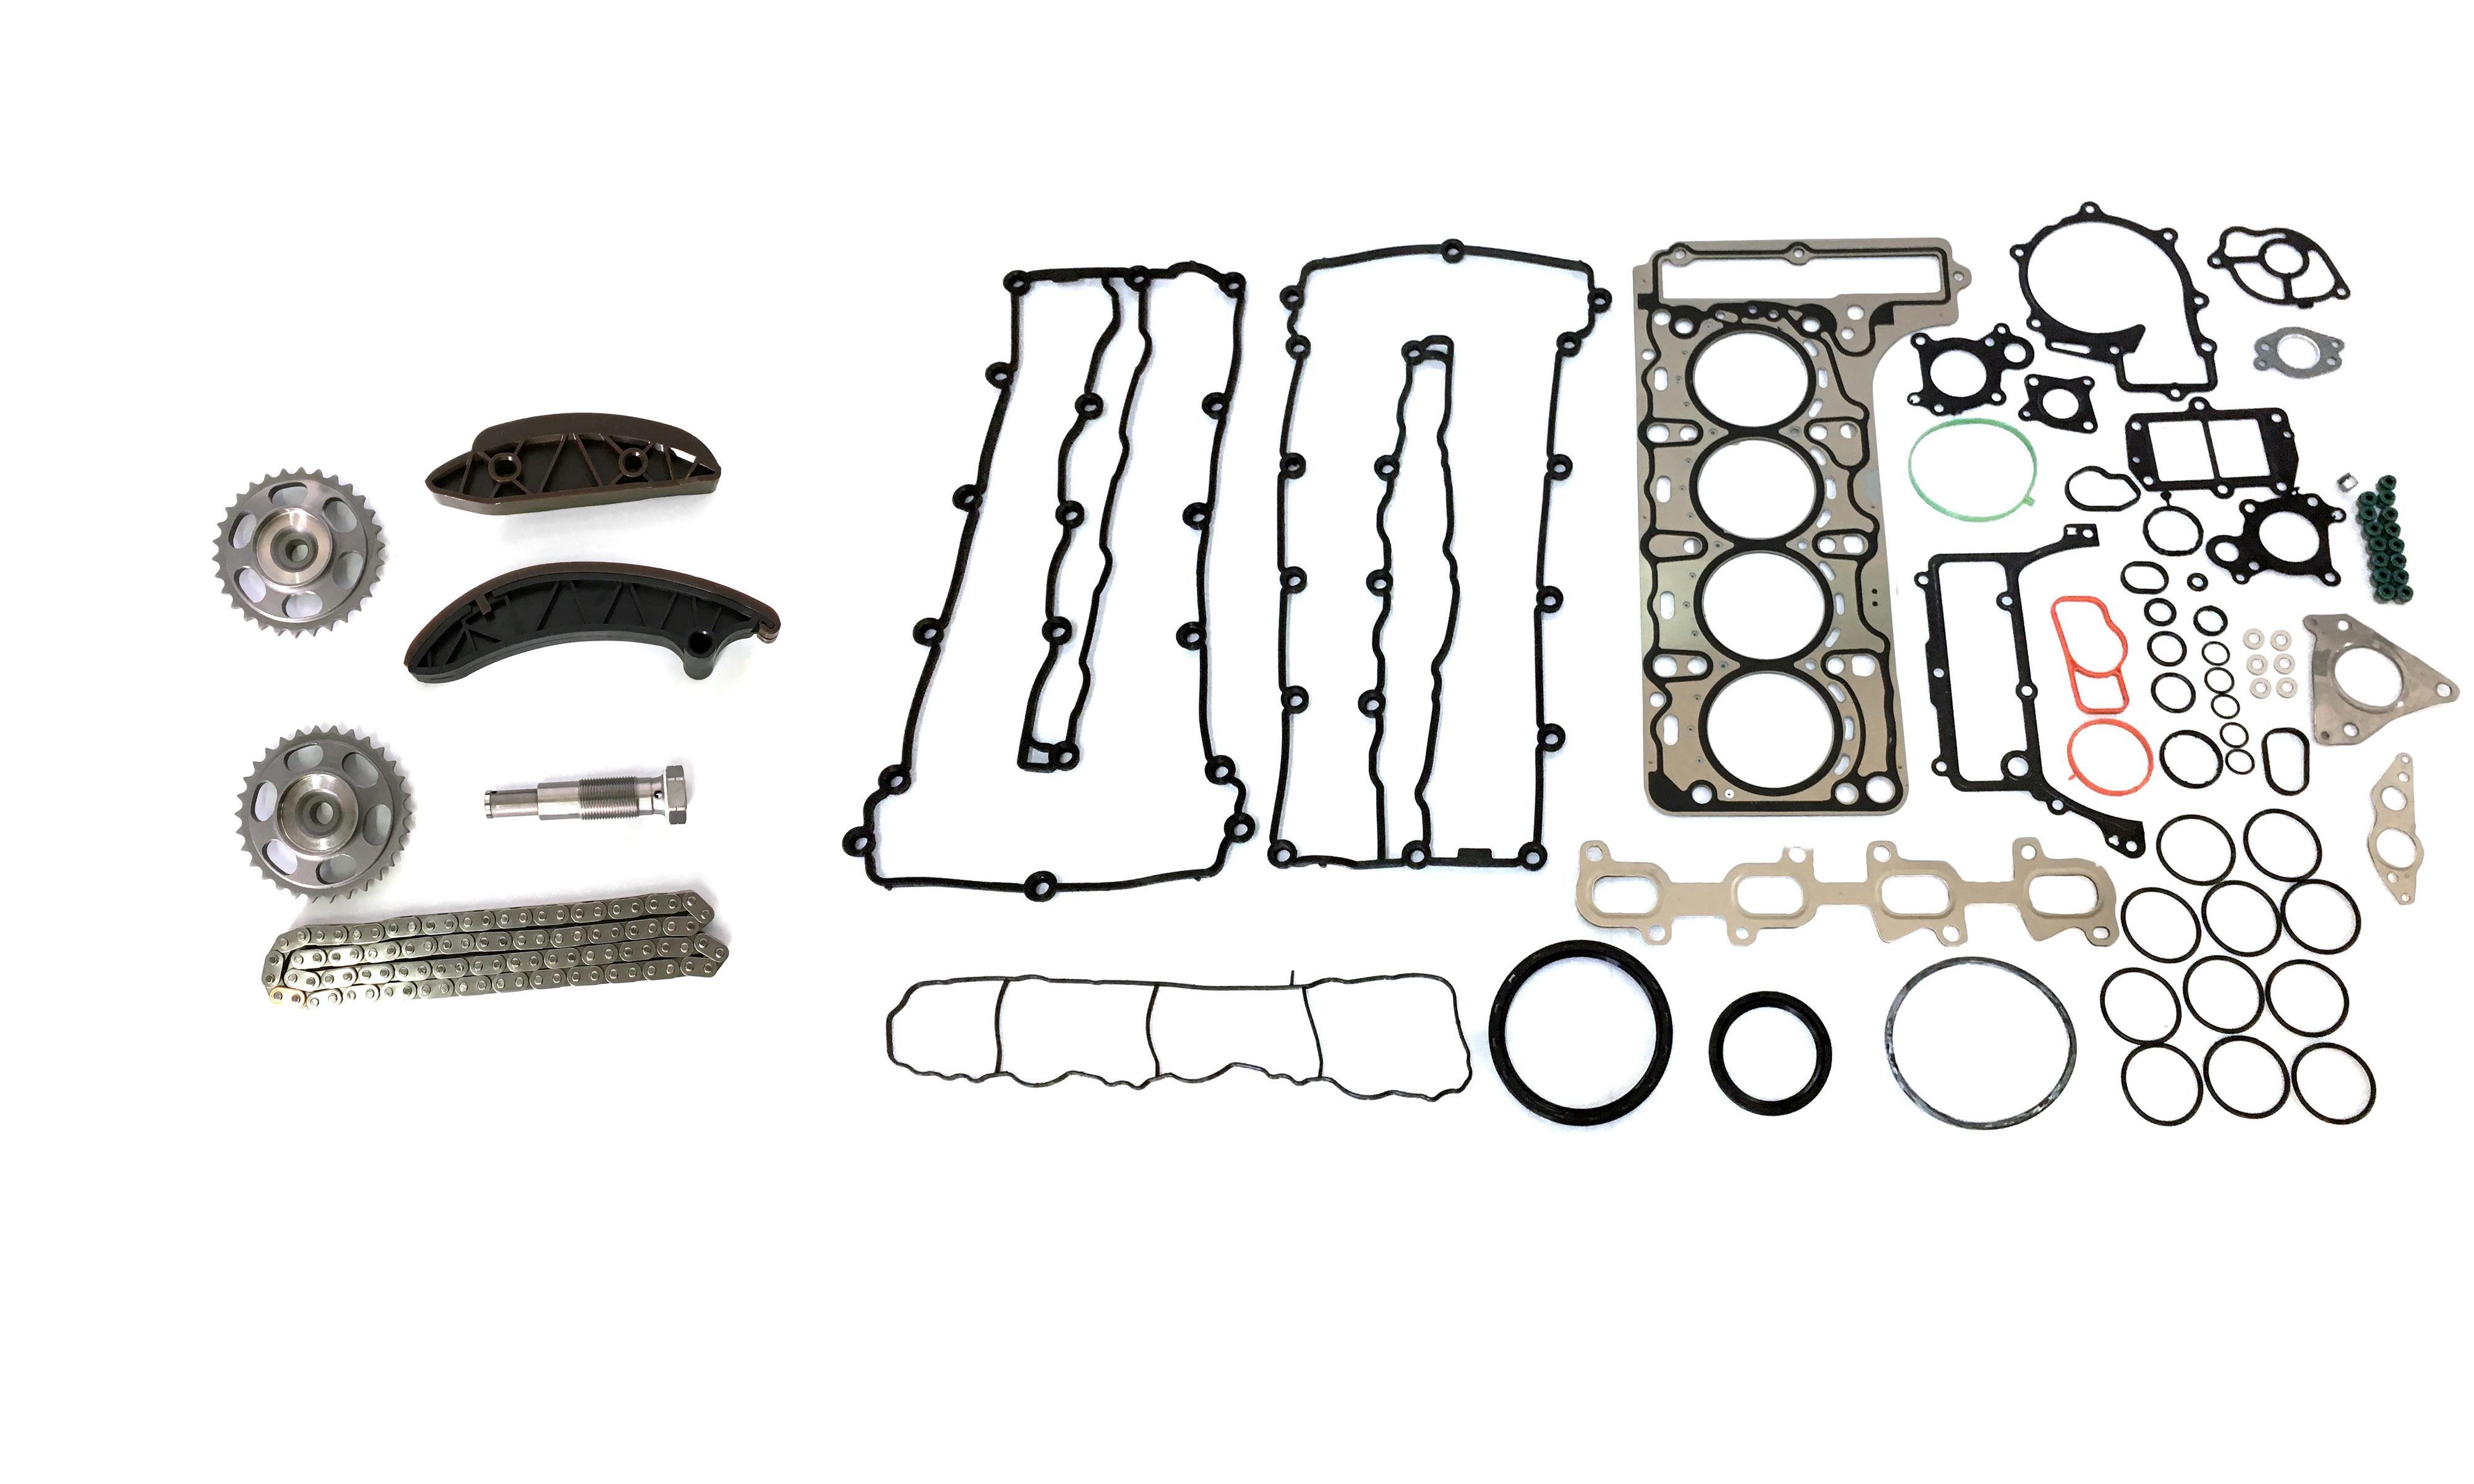 Junta da cabeça do cilindro tempo de cadeia definida para a Mercedes-Benz C-class, o 2.2 CDI OM651 NOVO